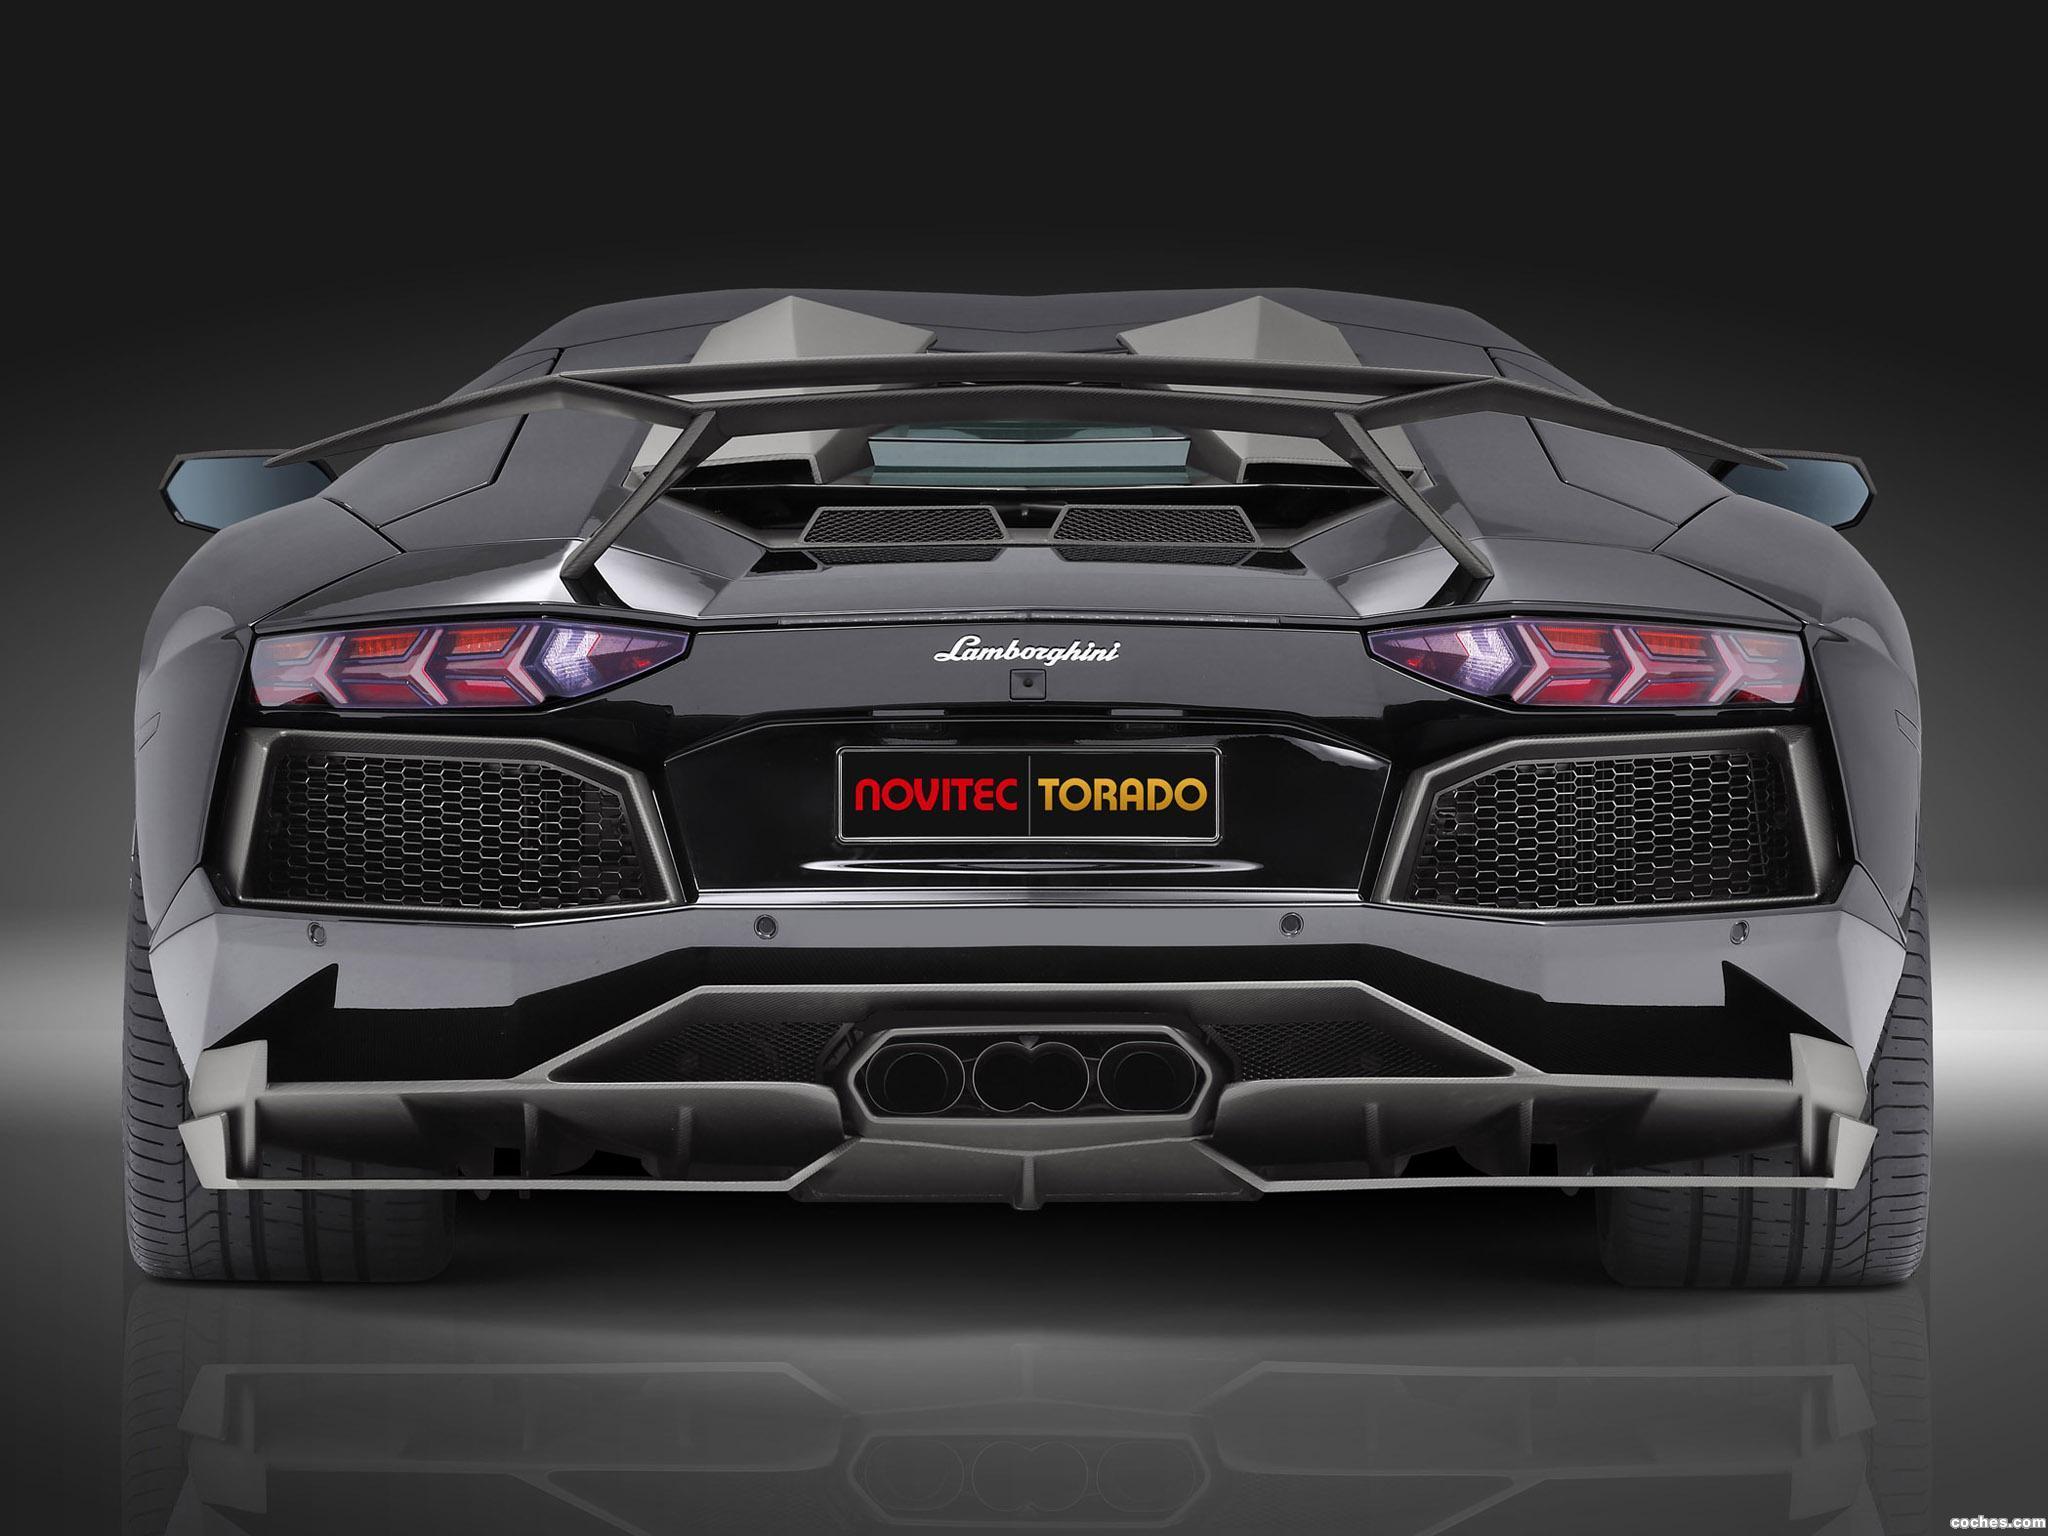 Foto 2 de Novitec Torado Lamborghini Aventador LP700-4 2013